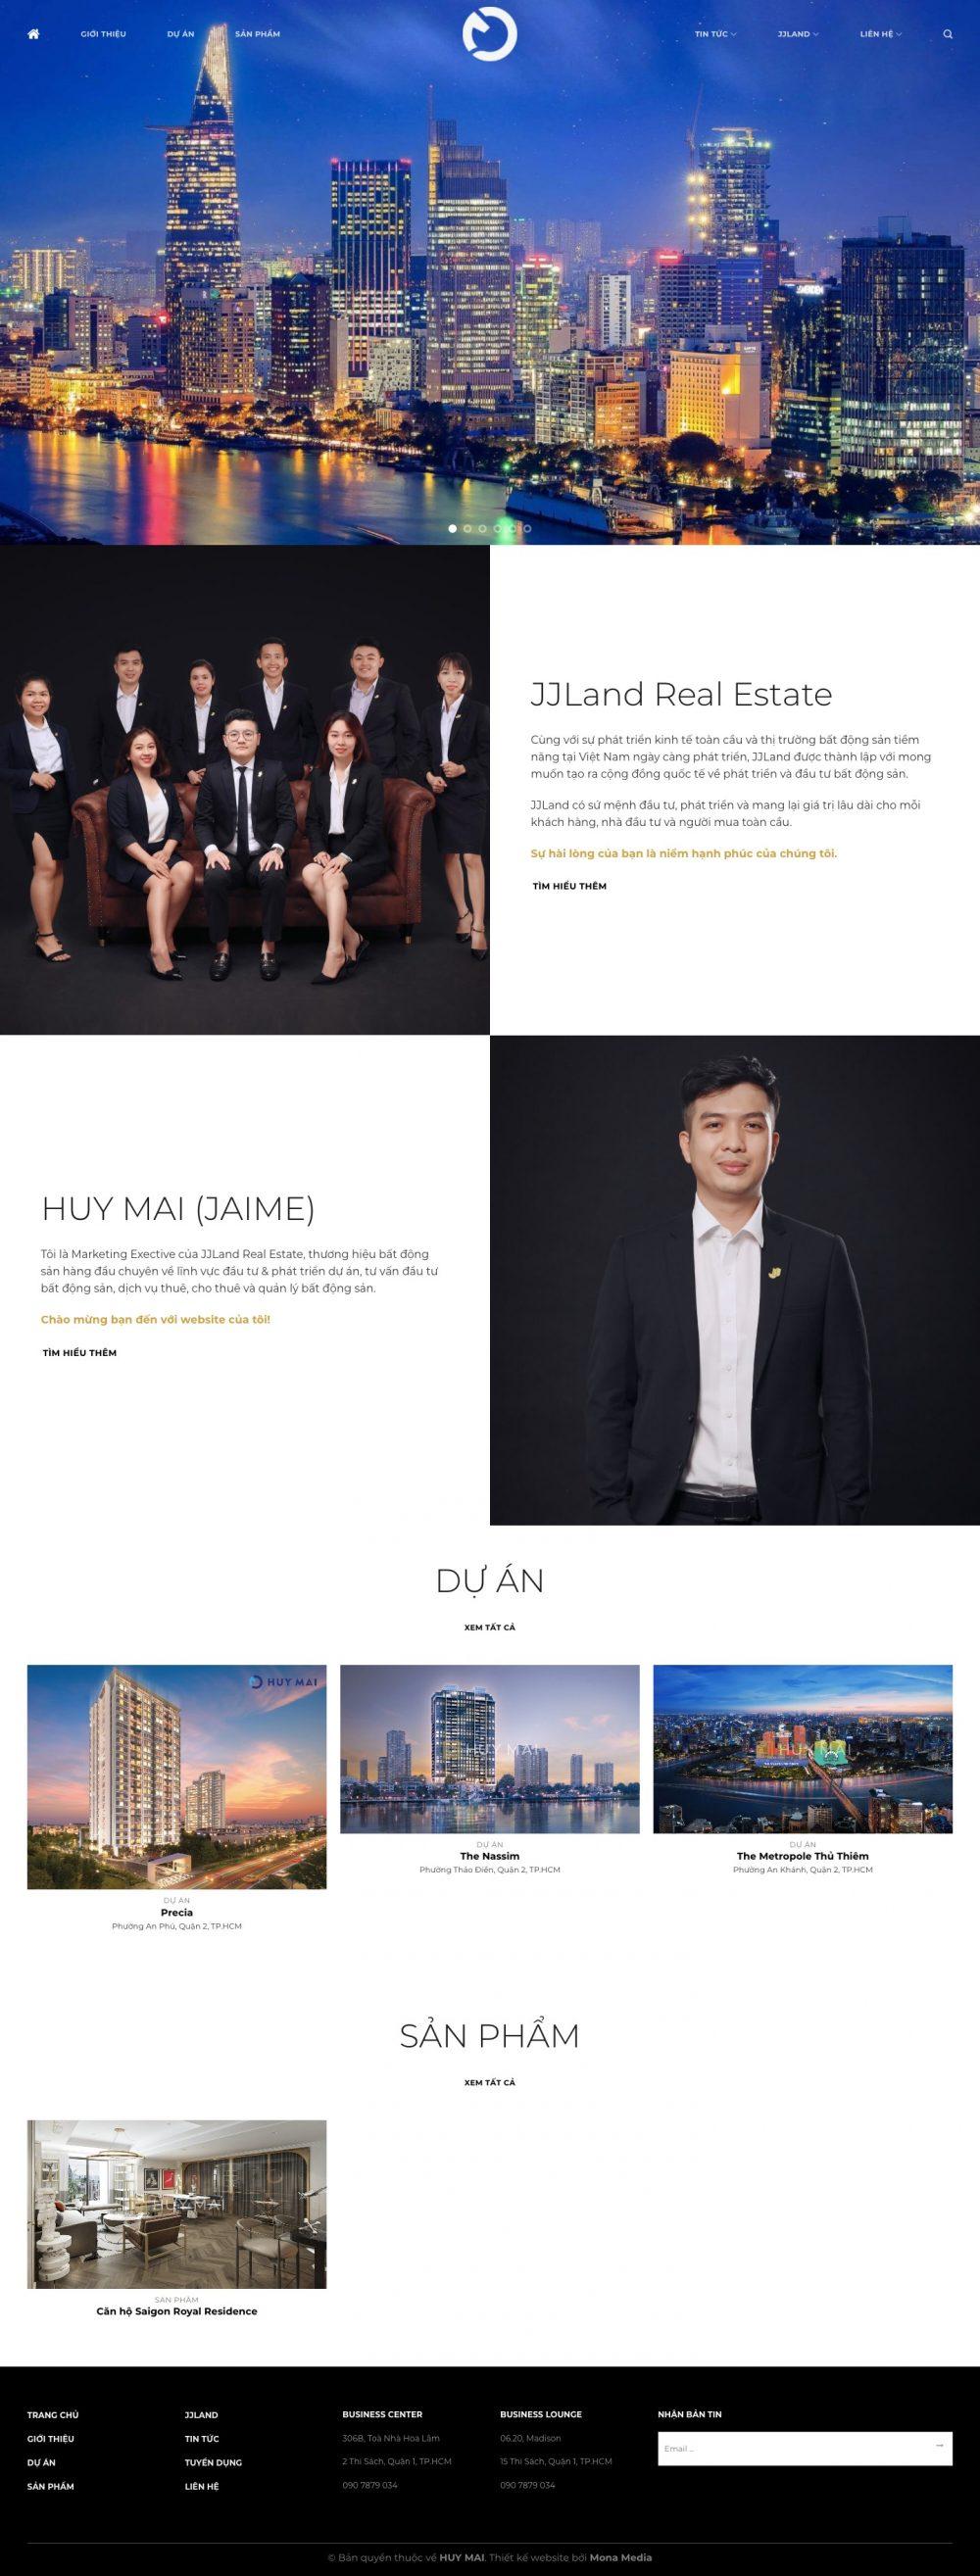 HUY MAI – Thành viên nhóm chuyên gia bất động sản JJLand